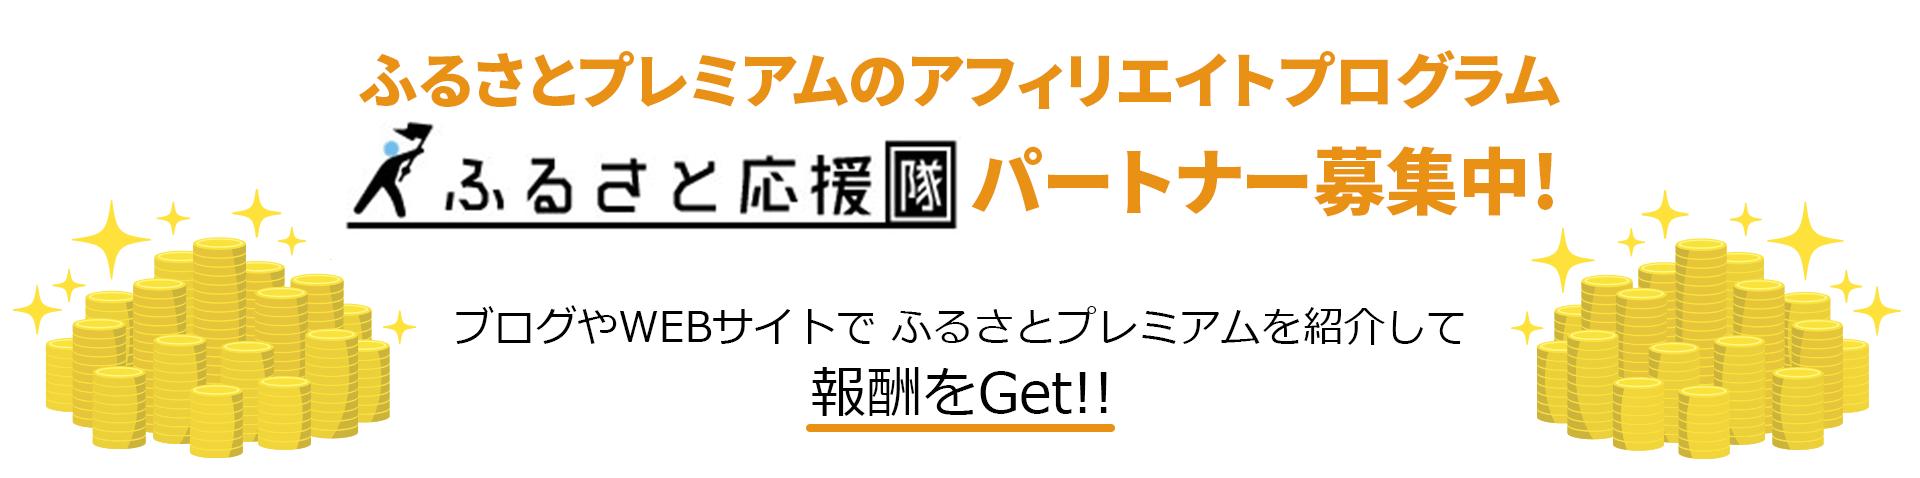 ふるさとプレミアムのアフィリエイトプログラム【ふるさと応援隊】